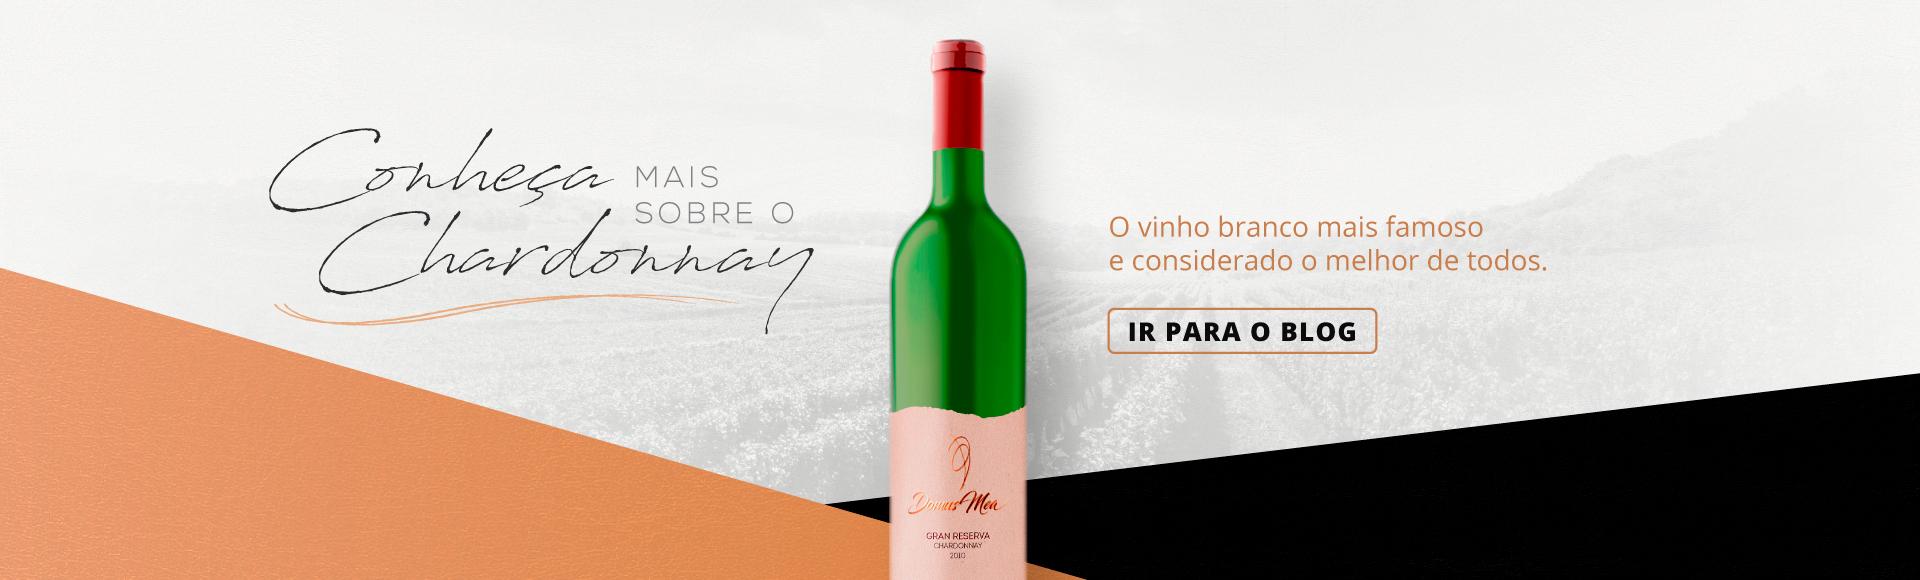 Conheça mais sobre o Chardonnay - Vinícola Domus Mea